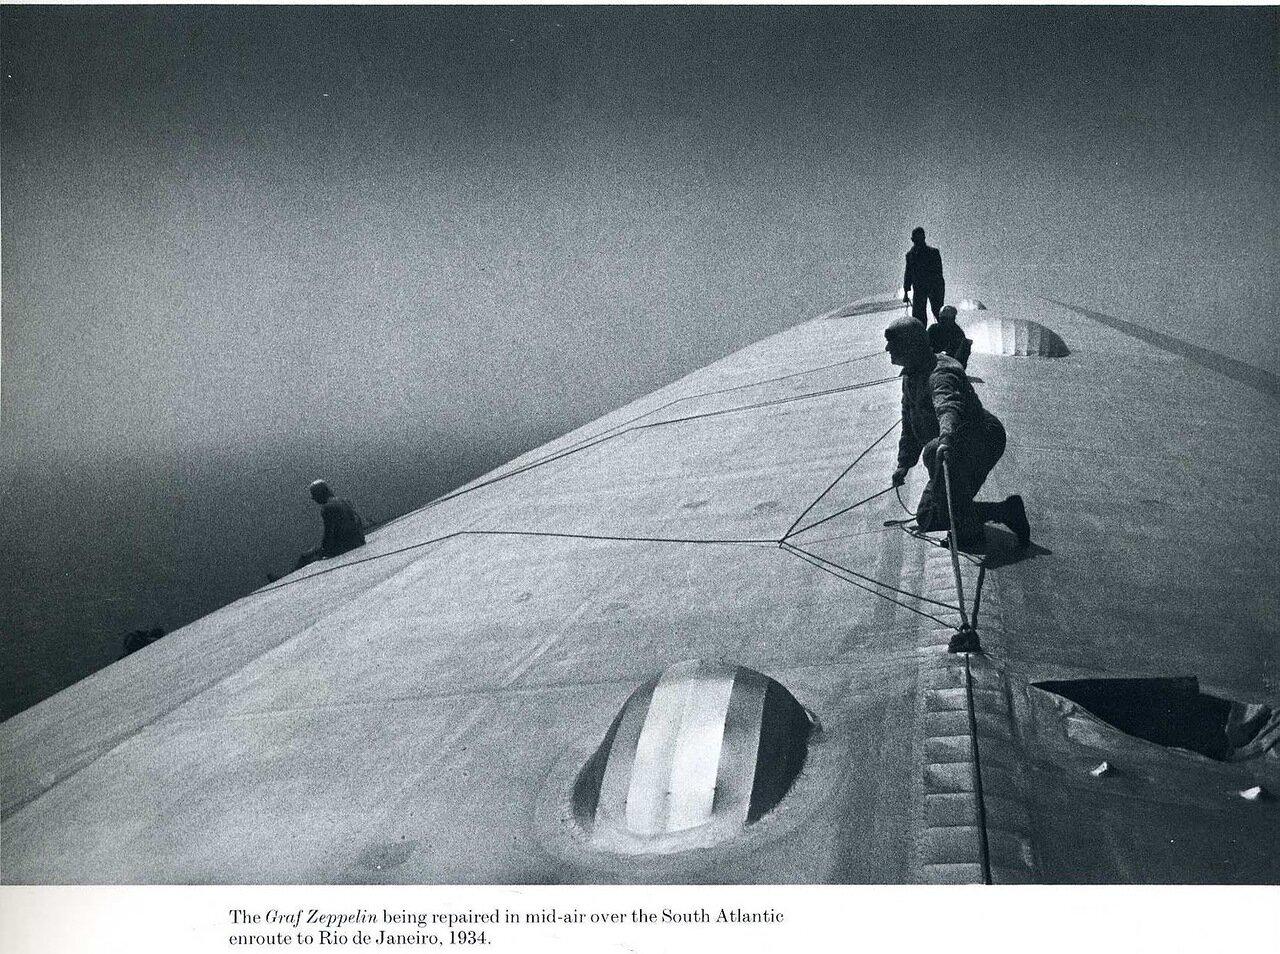 1934. На «Графе Цеппелин» производят ремонт в воздухе над Южной Атлантикой